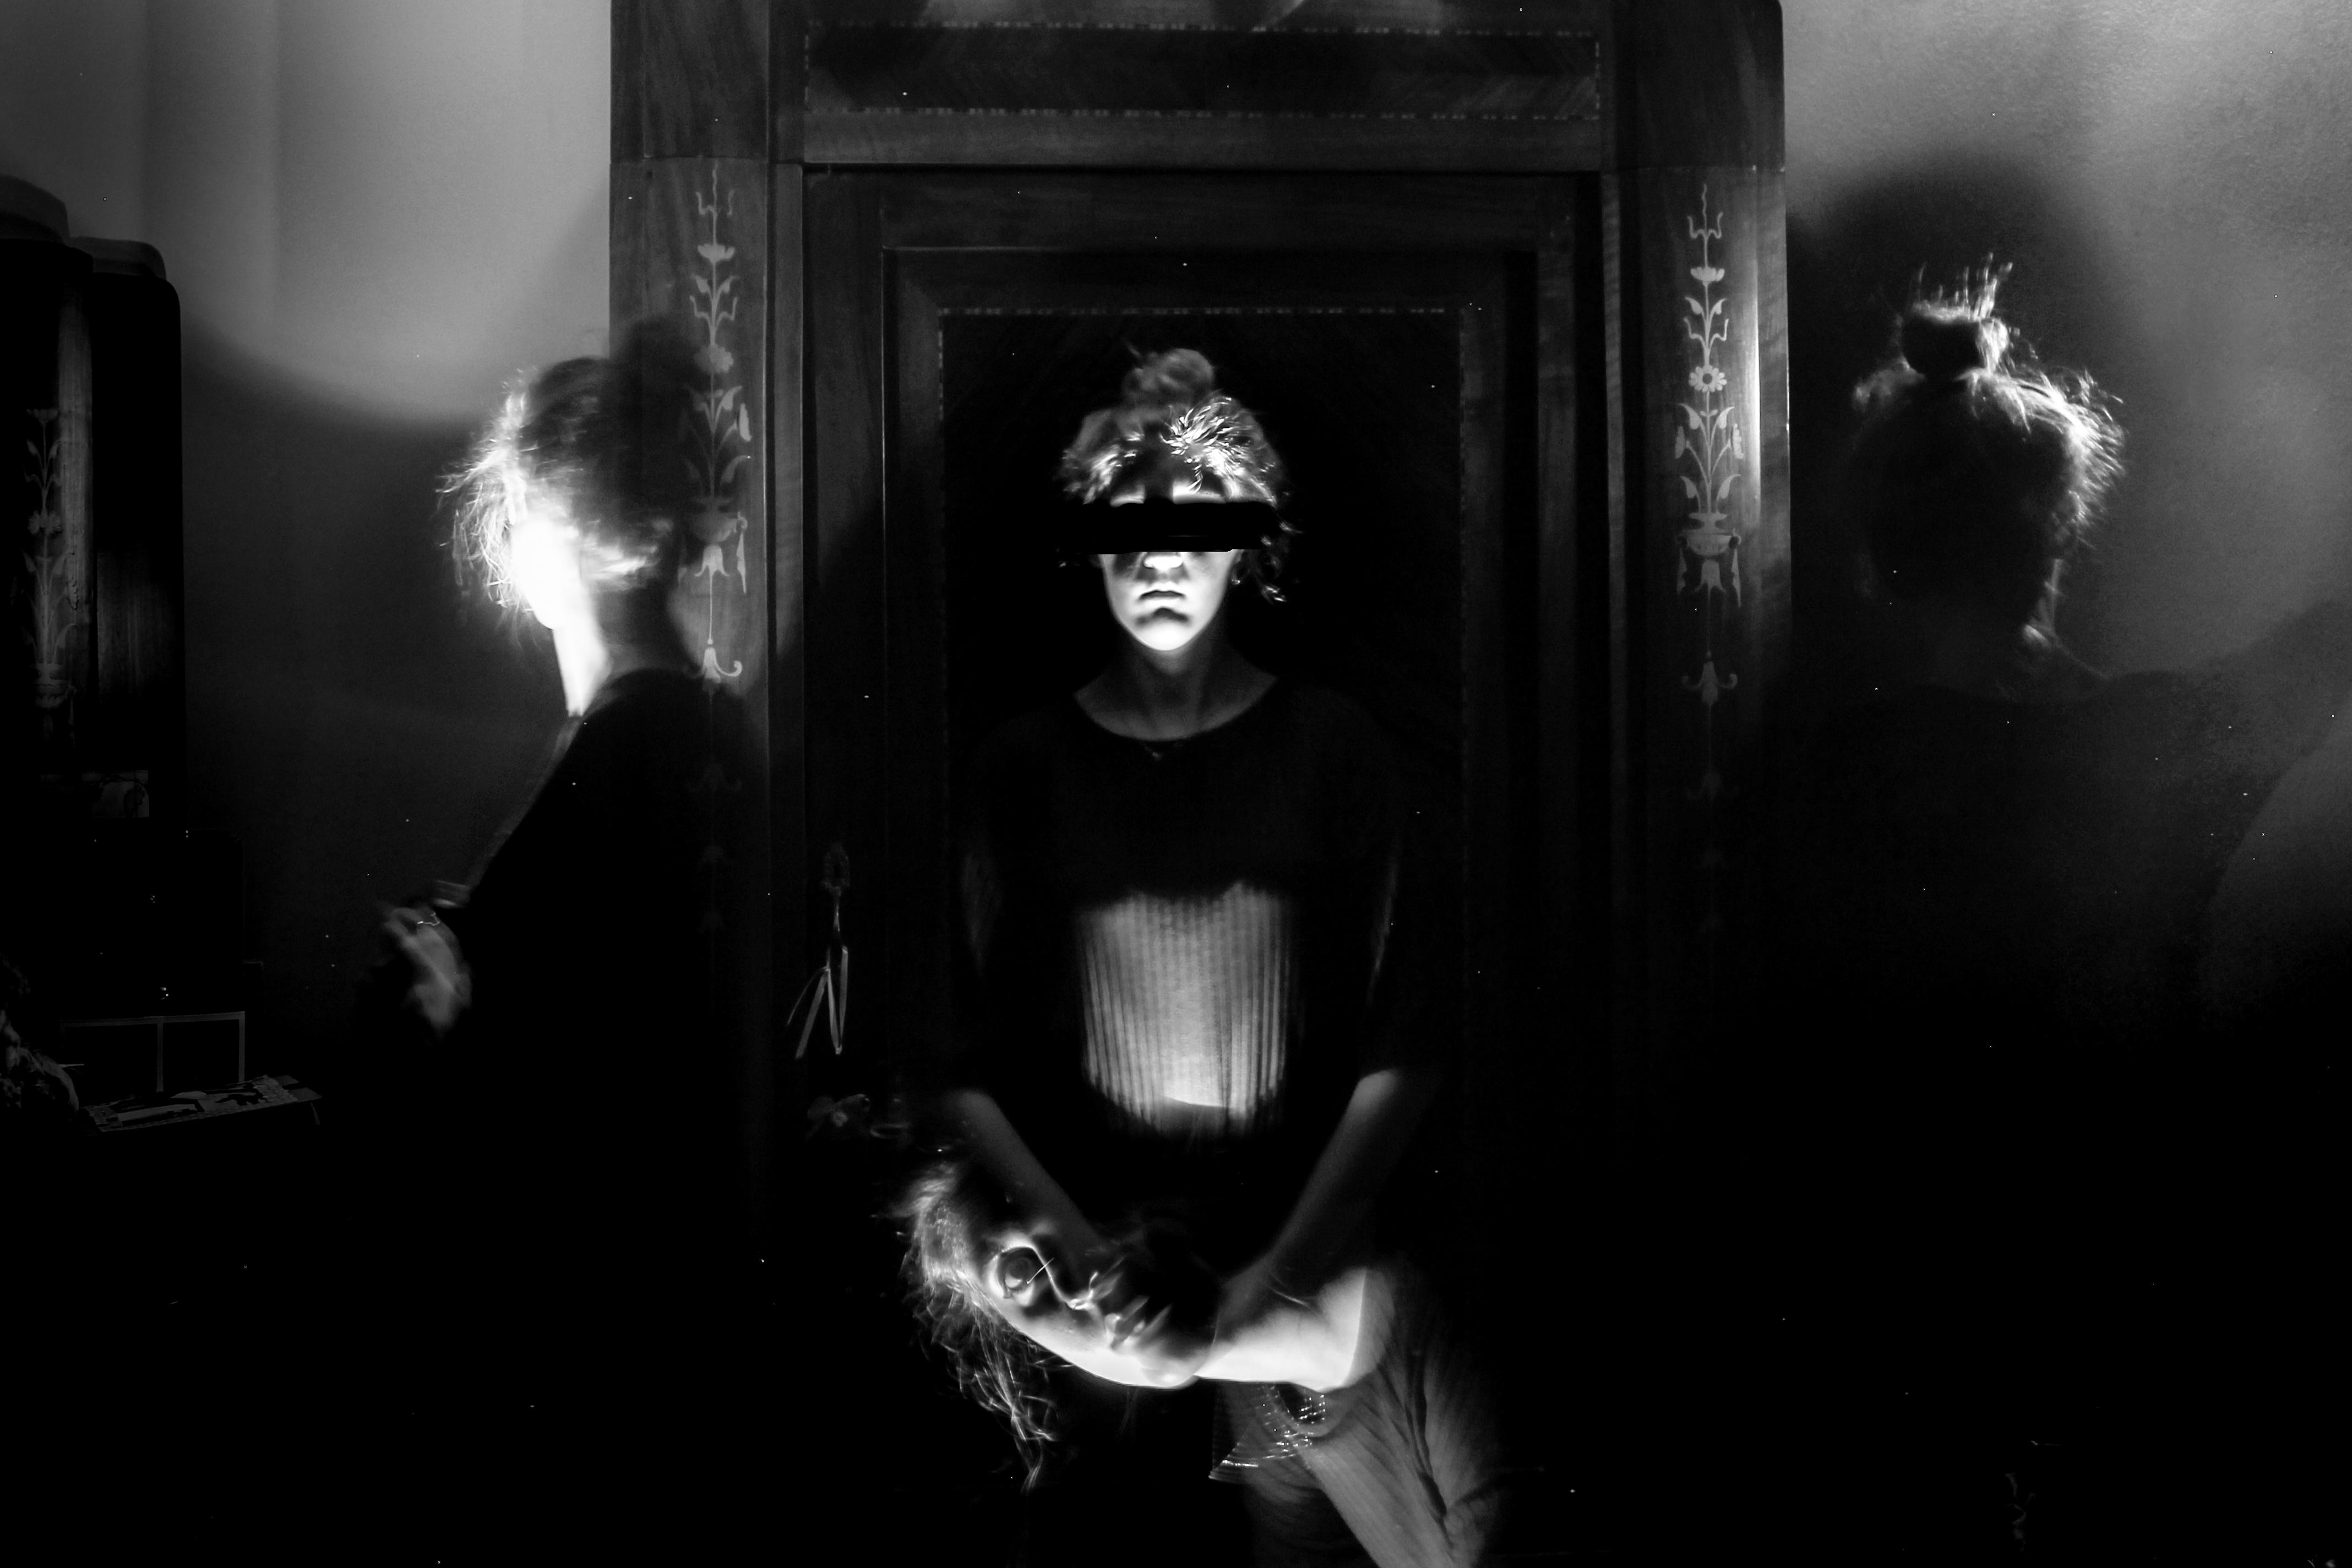 le allucinazioni date dalla narcolessia raffigurate in bianco e nero